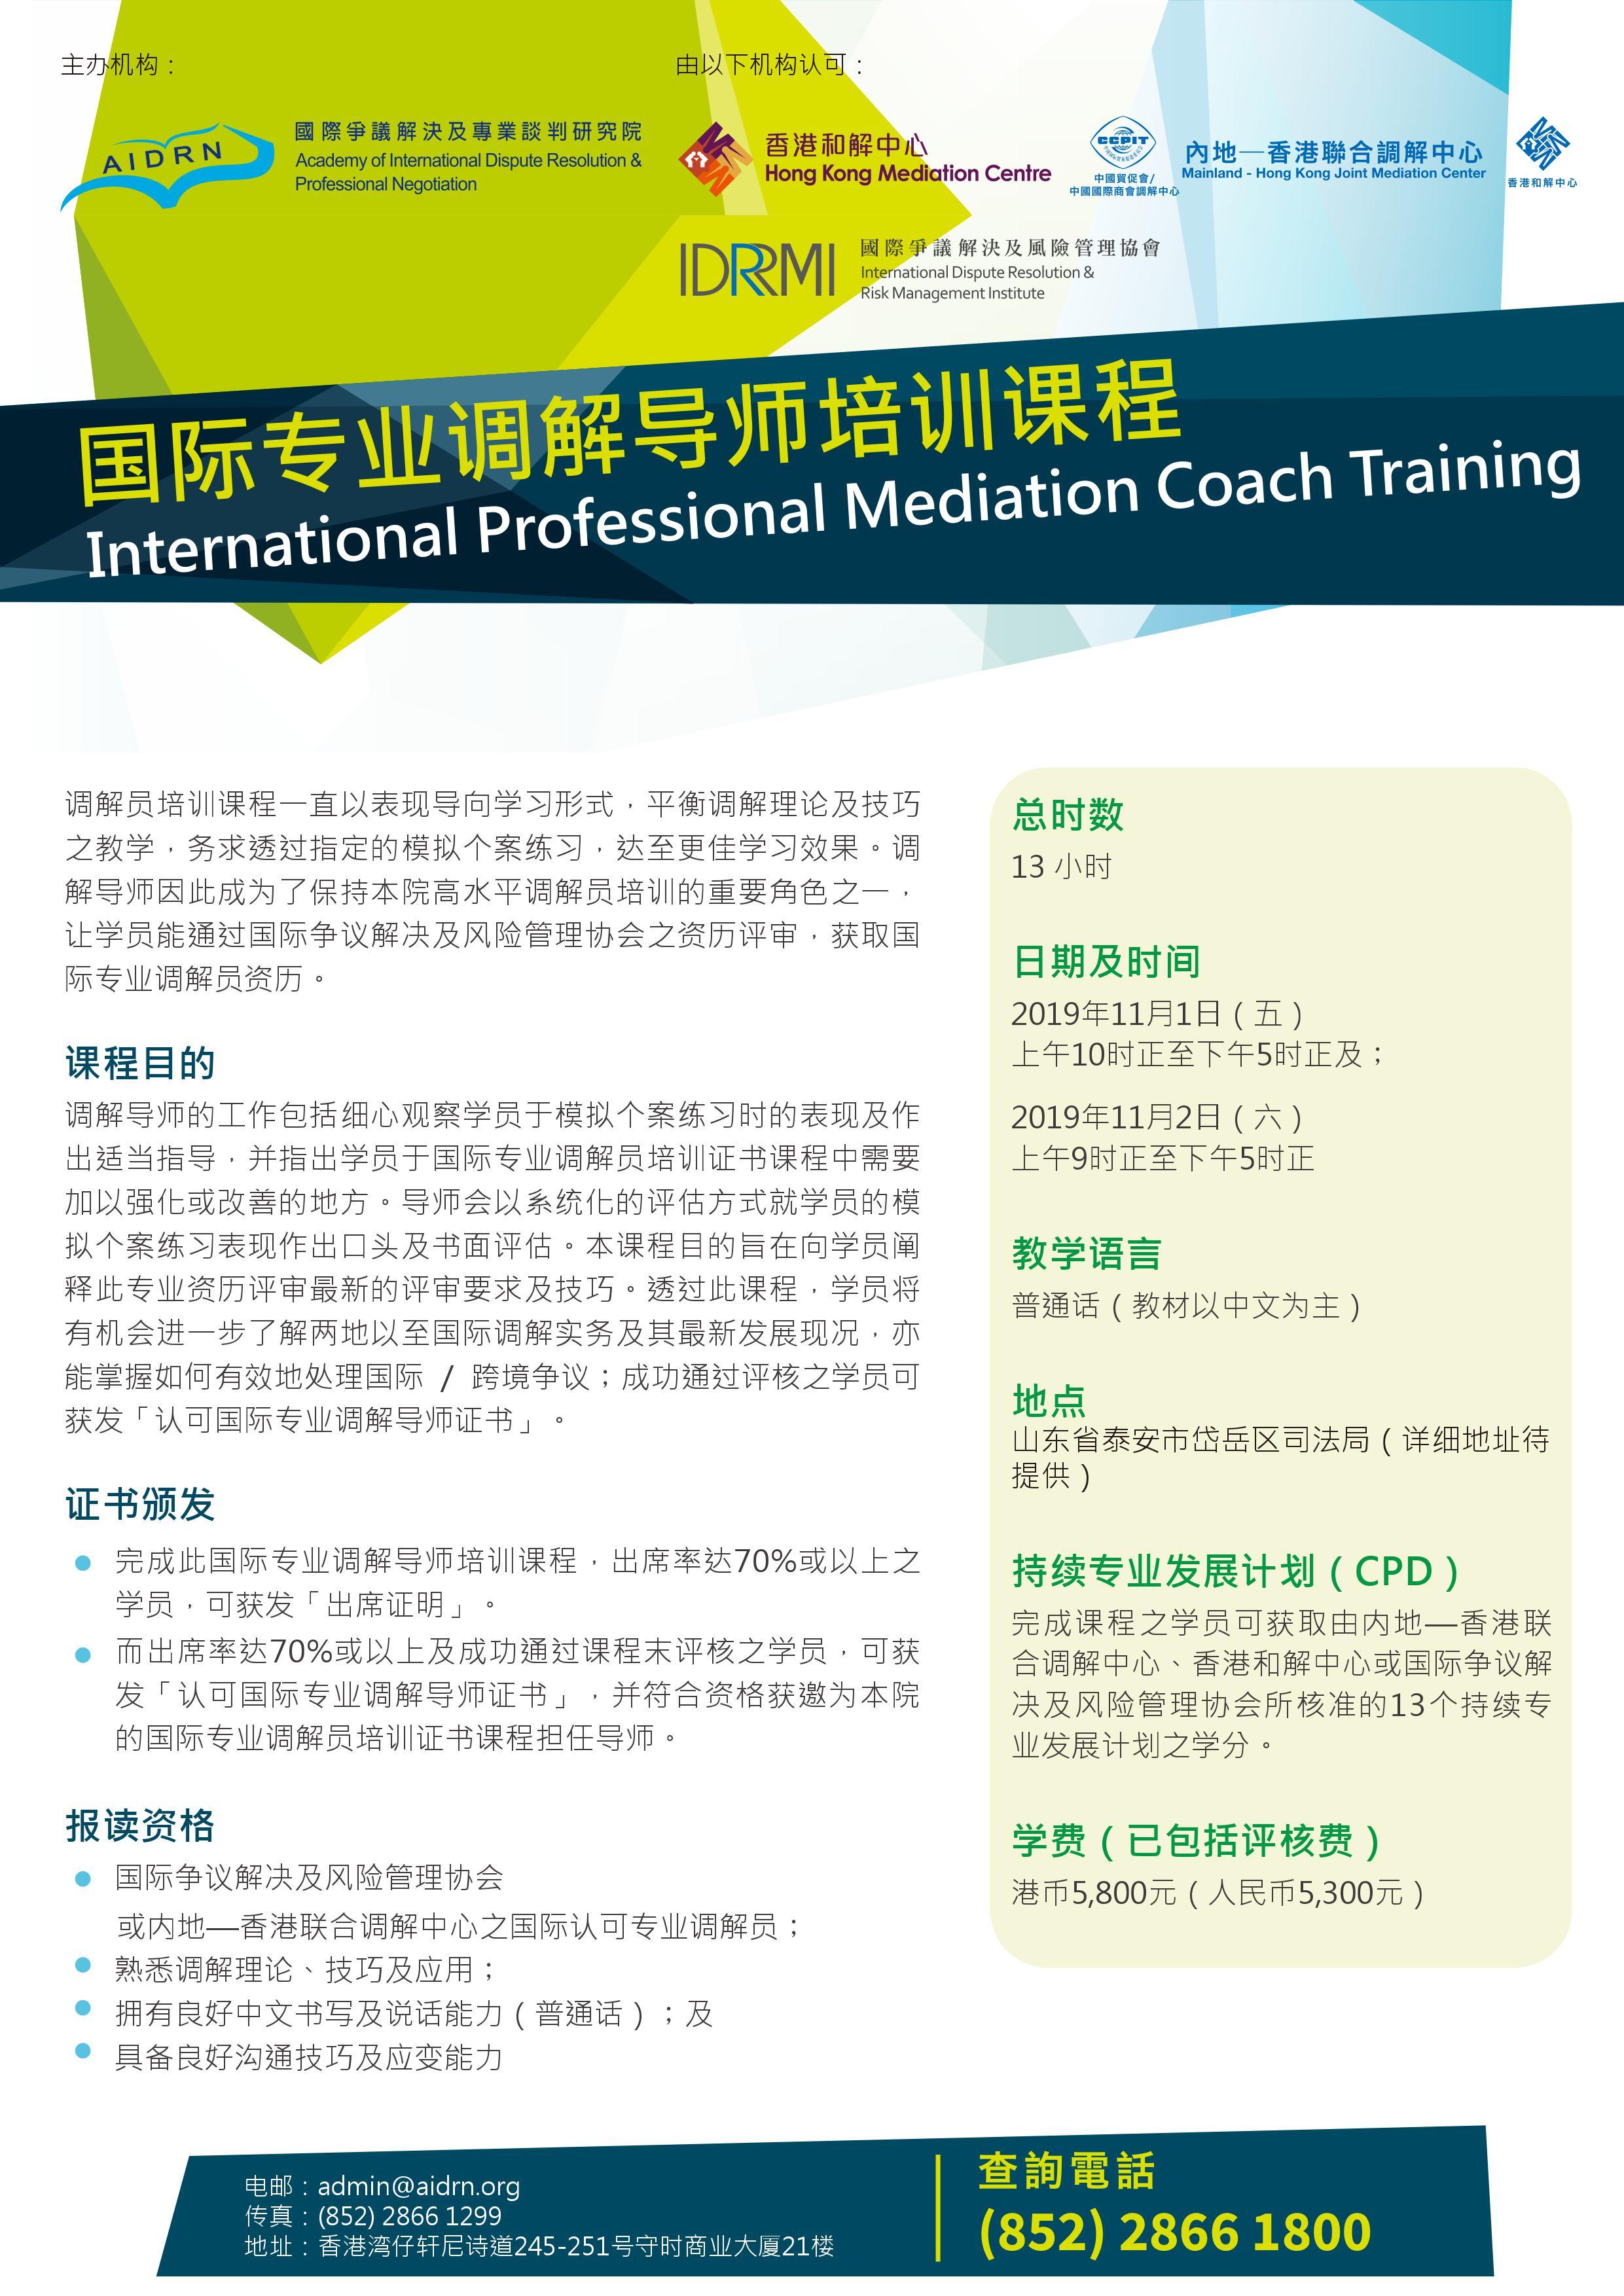 国际专业调解导师培训课程 Flyer-1